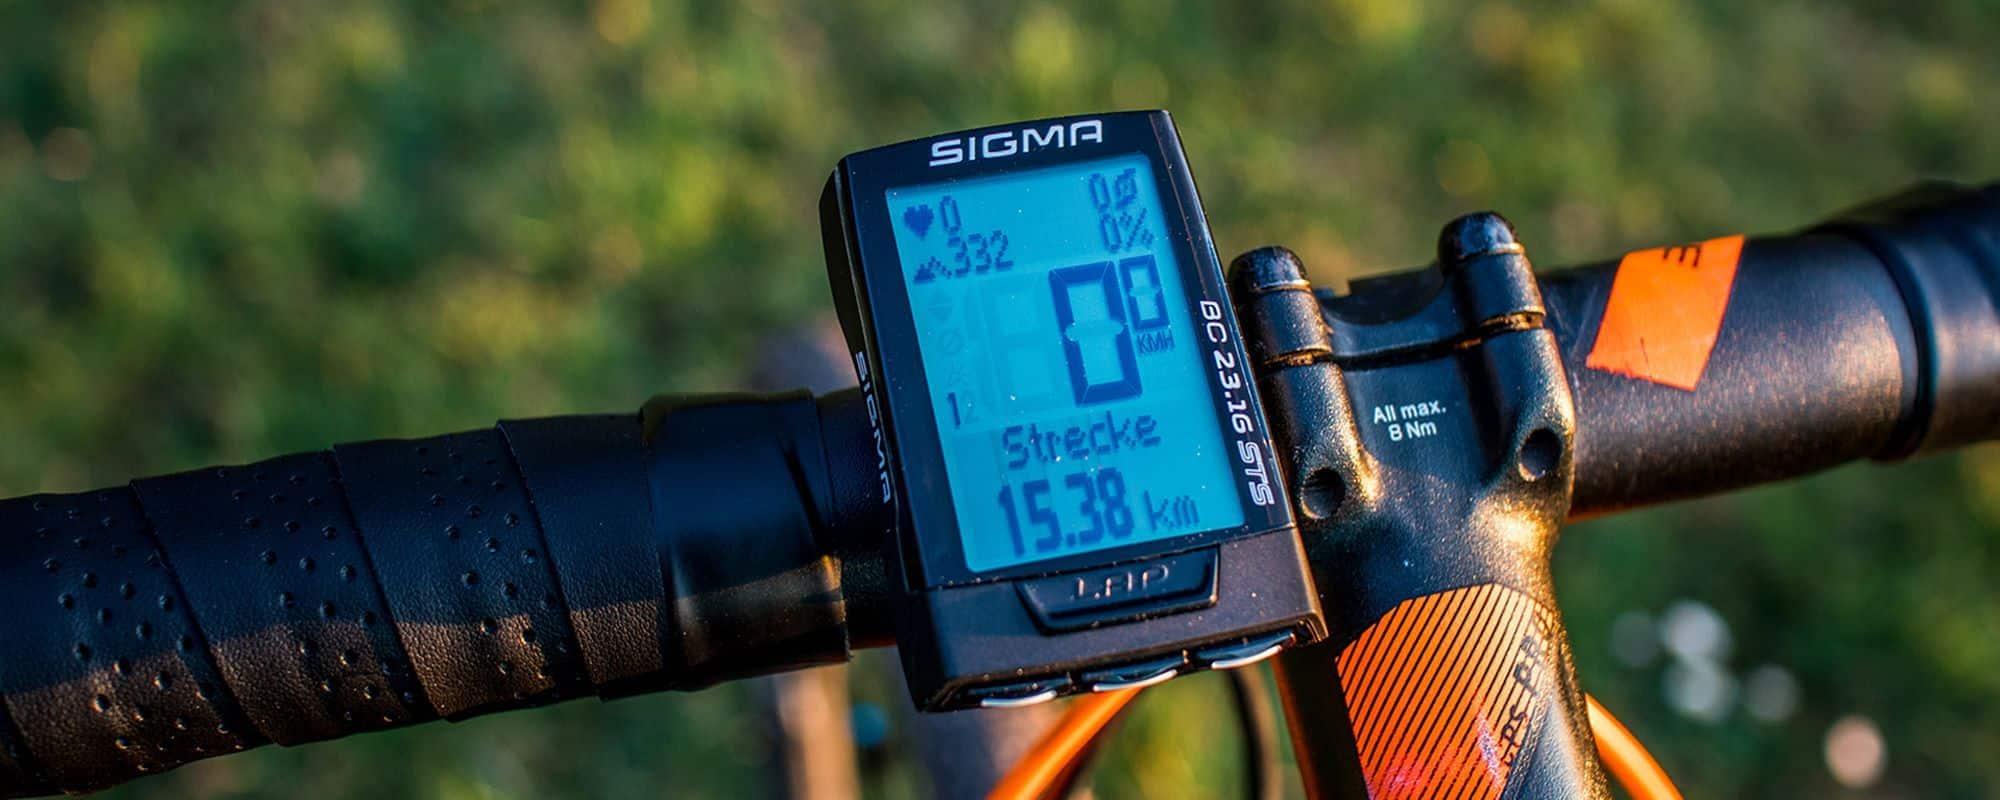 Sigma BC 23.16 STS Test & Erfahrungen - der ideale Fahrradcomputer für Ambitionierte?